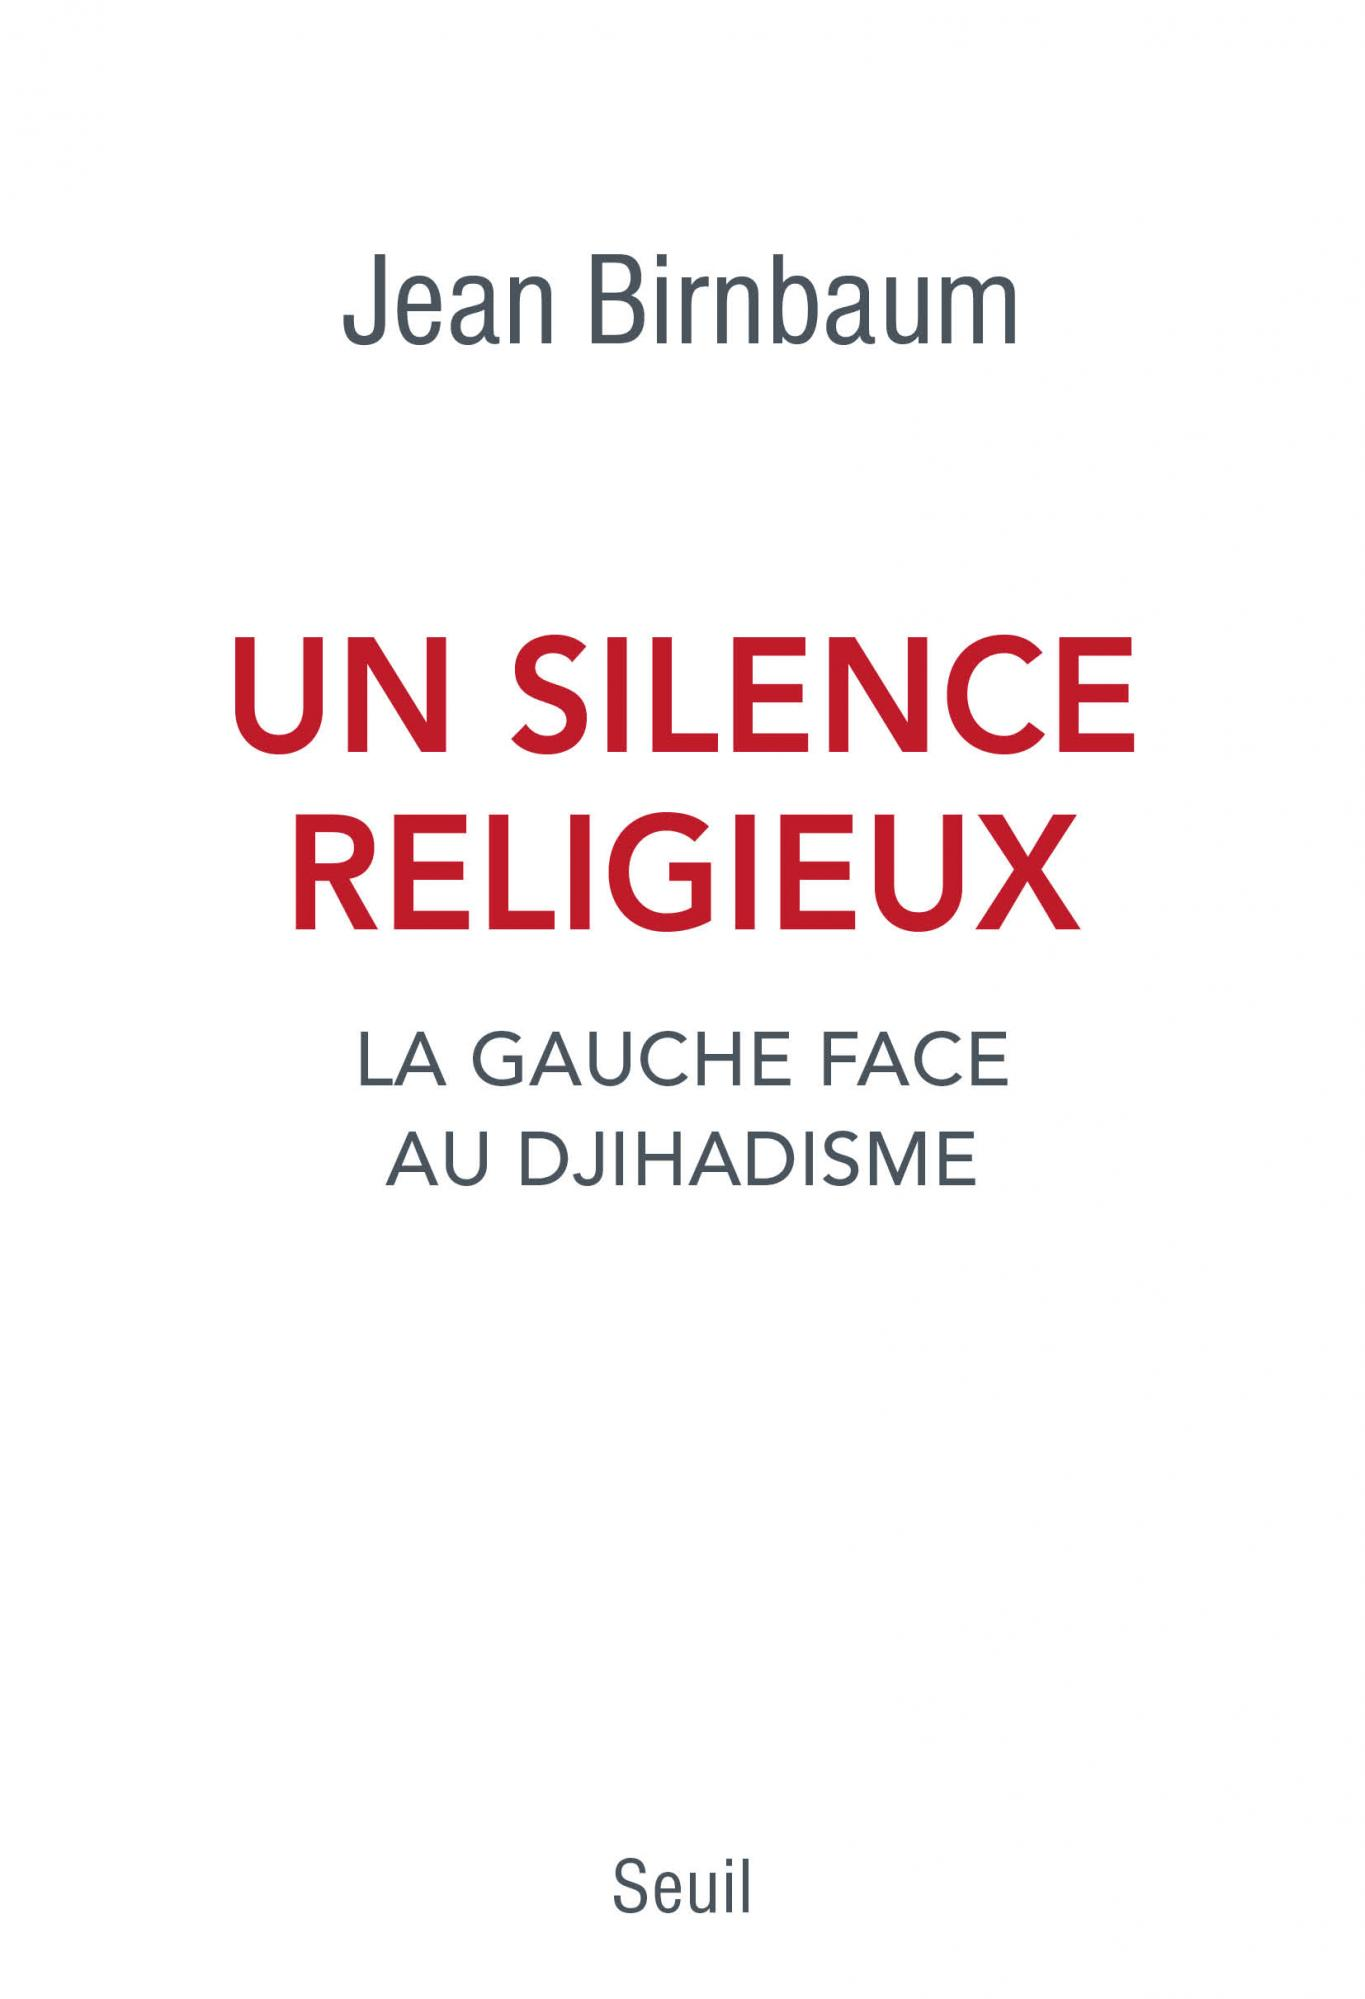 Un silence religieux : la gauche face au djihadisme | Jean Birnbaum (1974?-....). Auteur